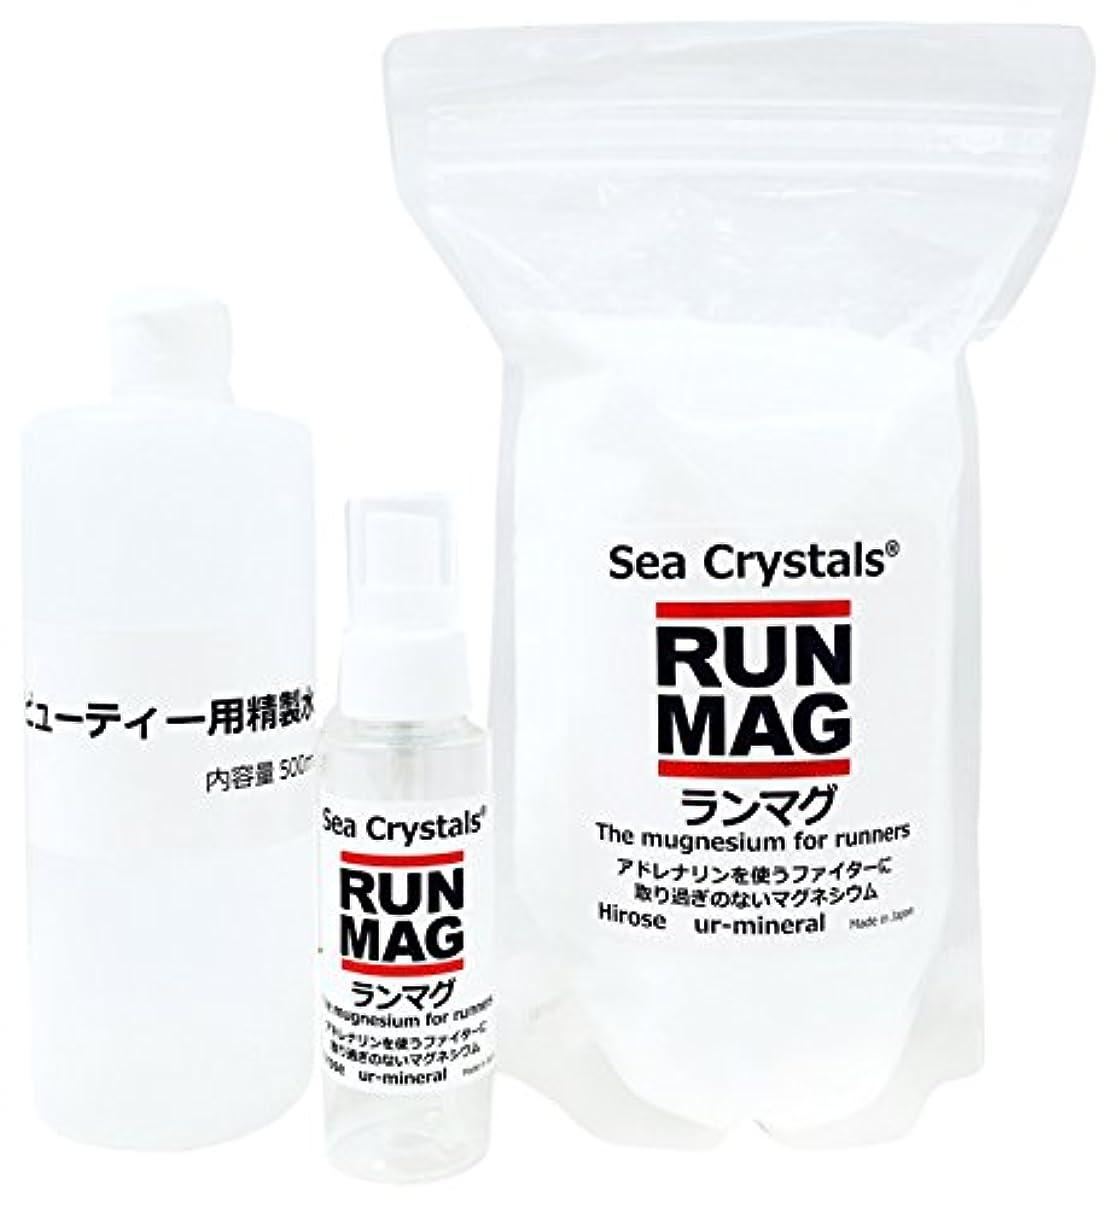 咲くアクセサリー映画ランマグ?マグネシウムオイル 500g 化粧品登録 日本製 1日マグネシウム360mg使用  精製水付き